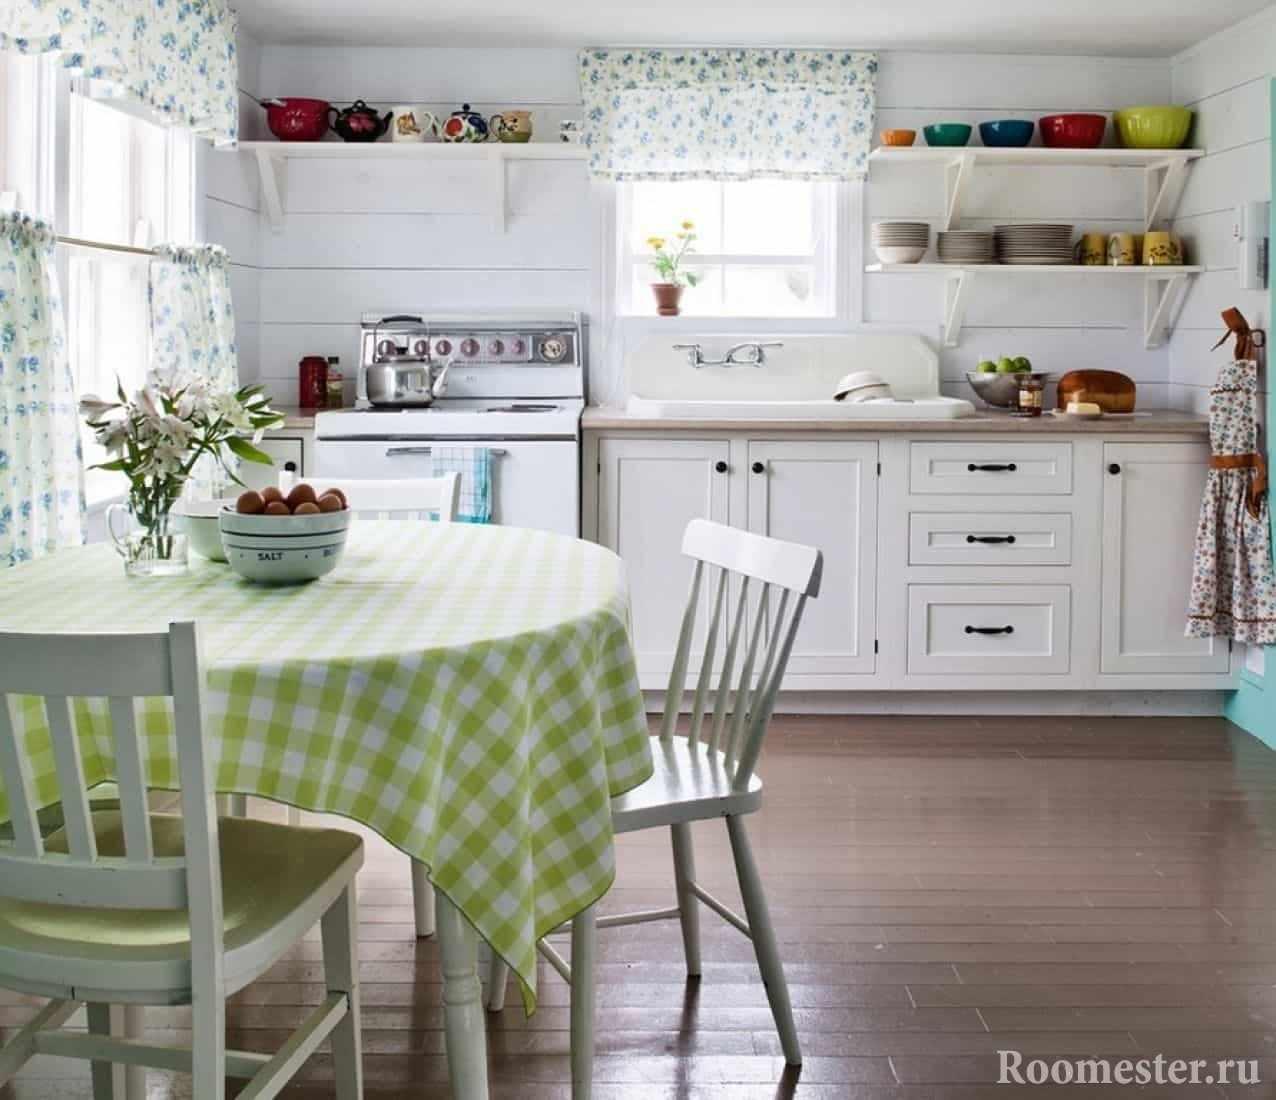 Светлая кухня с элементами декора в деревенском стиле